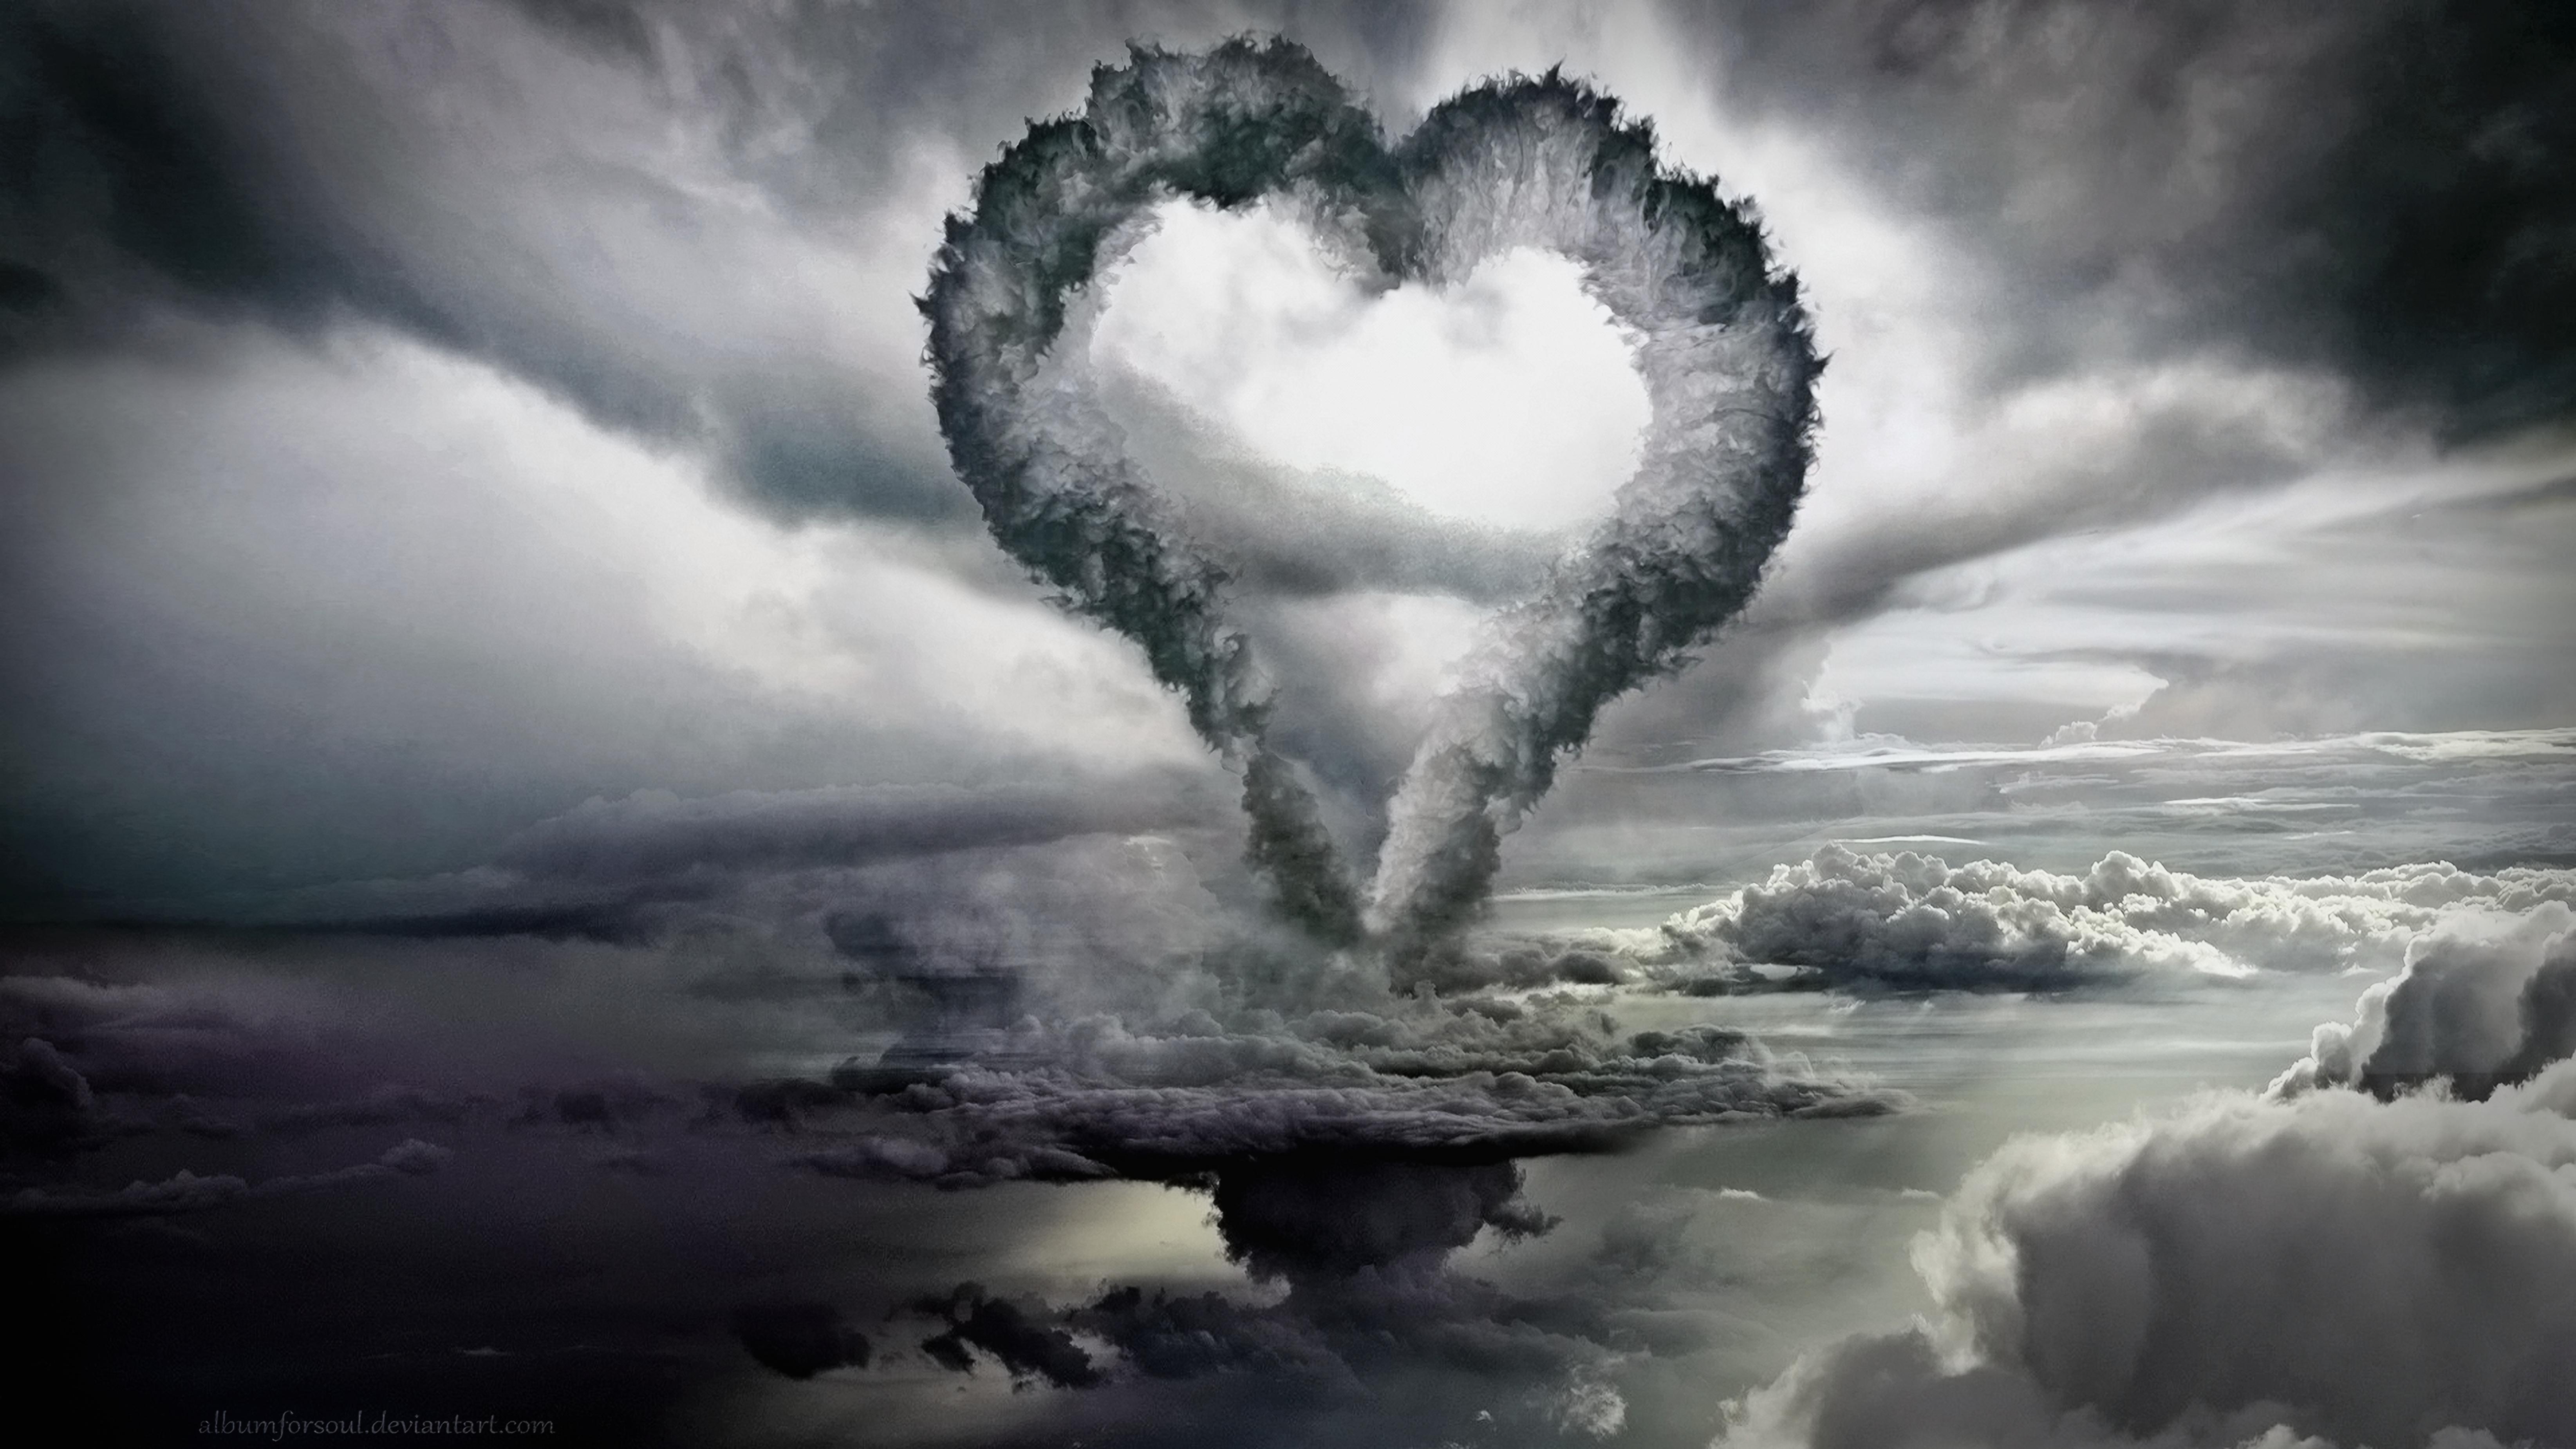 149393 économiseurs d'écran et fonds d'écran Nuages sur votre téléphone. Téléchargez Nuages, Amour, La Forme, Forme, Cœur, Un Cœur, Nuage, Des Nuages images gratuitement